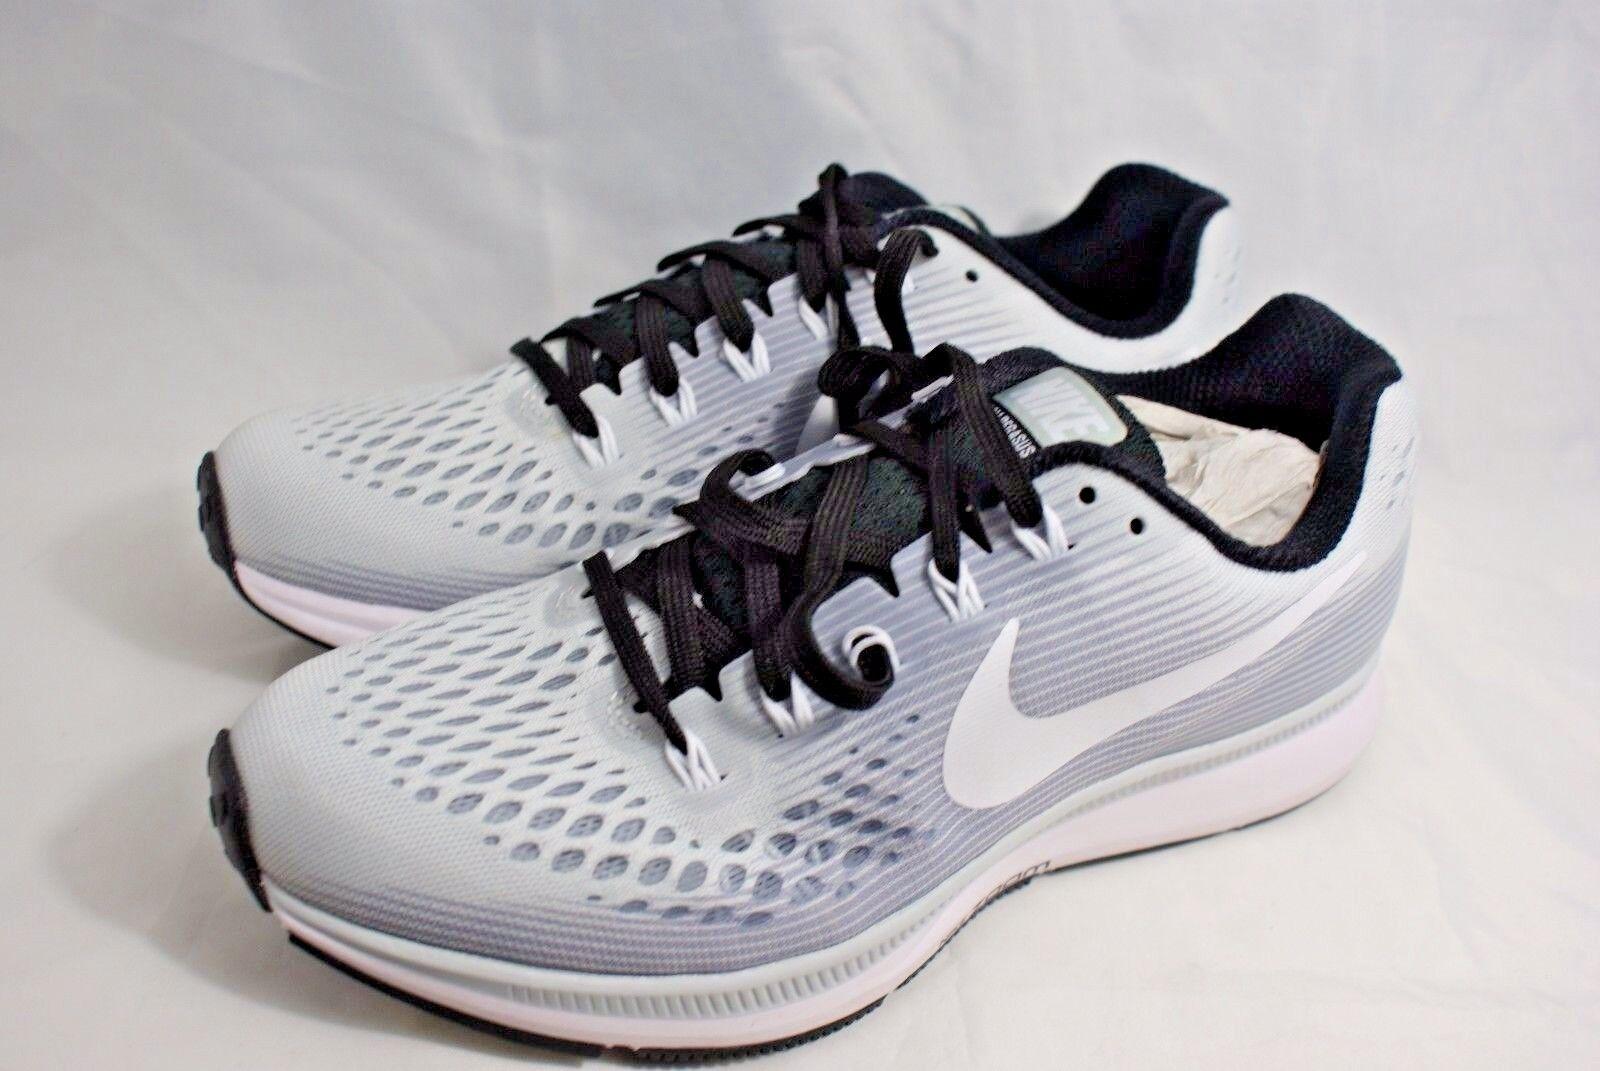 Nike air zoom pegasus 34 2017 uomo numero 7 delle scarpe da corsa 887017 nero, grigio e bianco